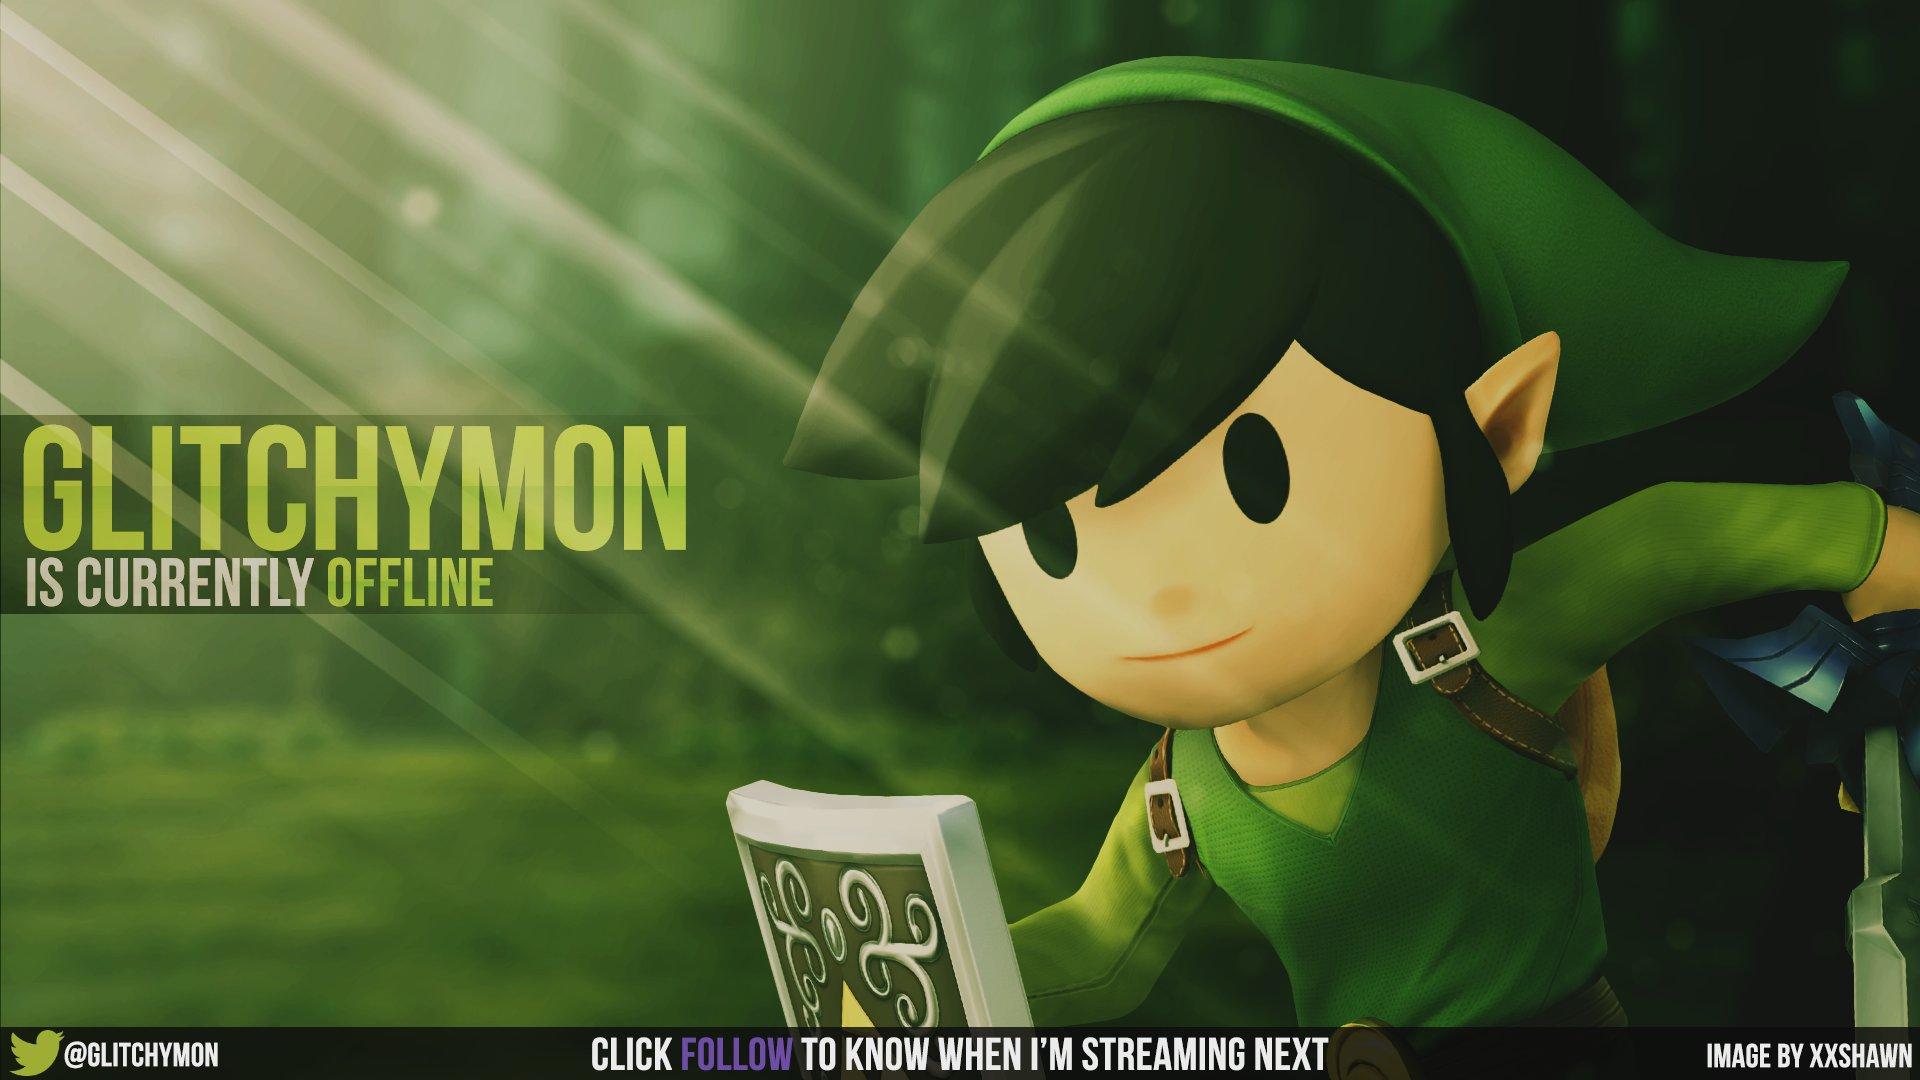 Twitch stream of Glitchymon